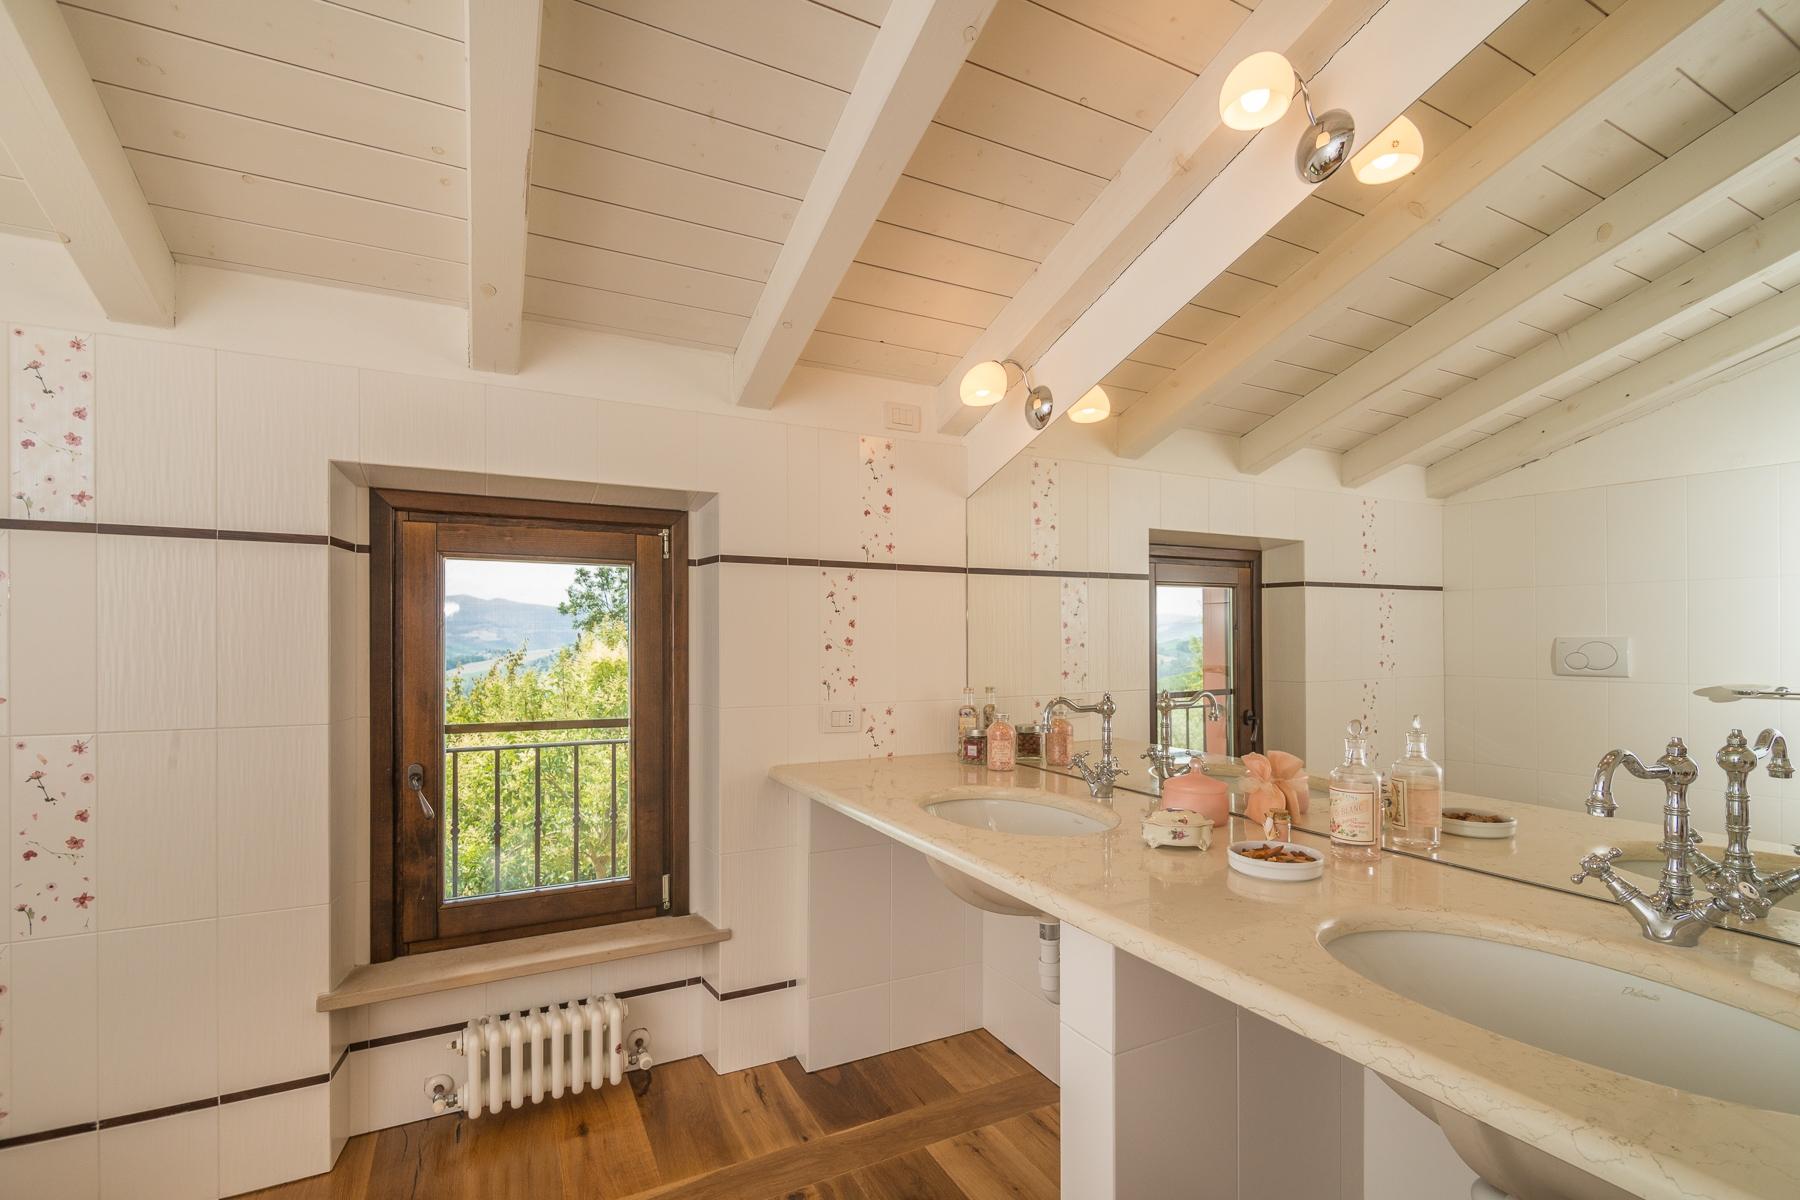 Casa indipendente in Vendita a Ziano Piacentino: 5 locali, 260 mq - Foto 23